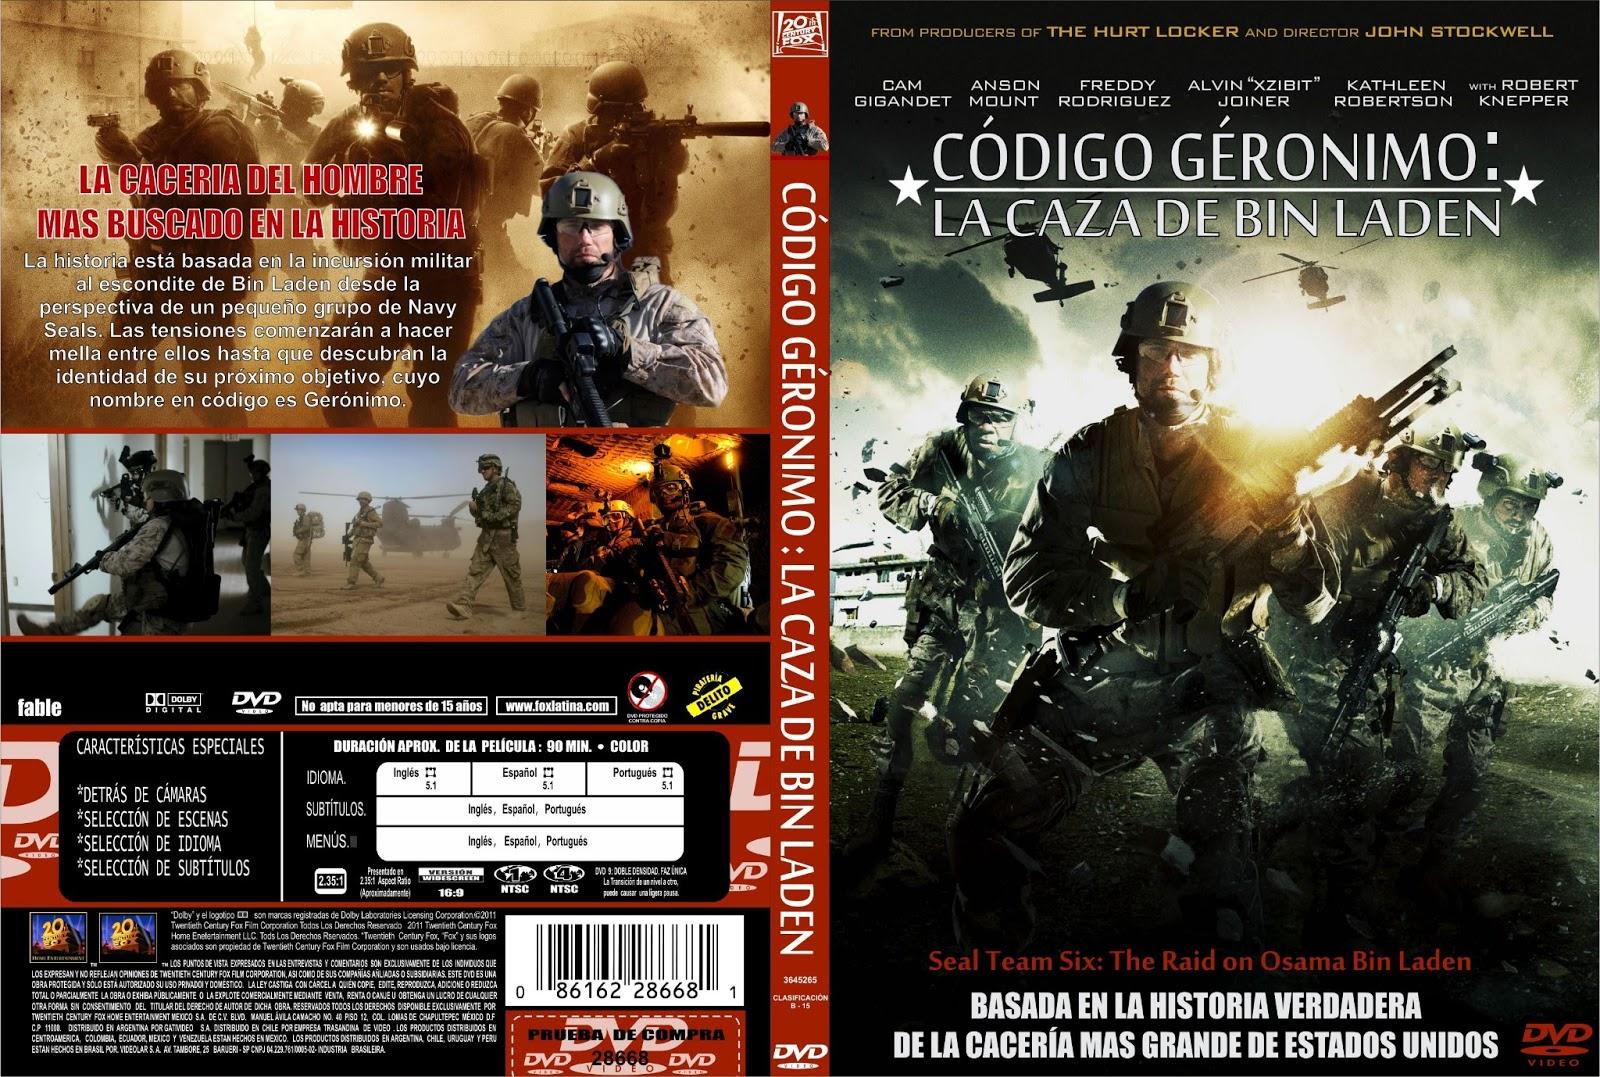 Código Gerónimo: La caza de Bin Laden (2012) DVDRip Latino 1Link BS